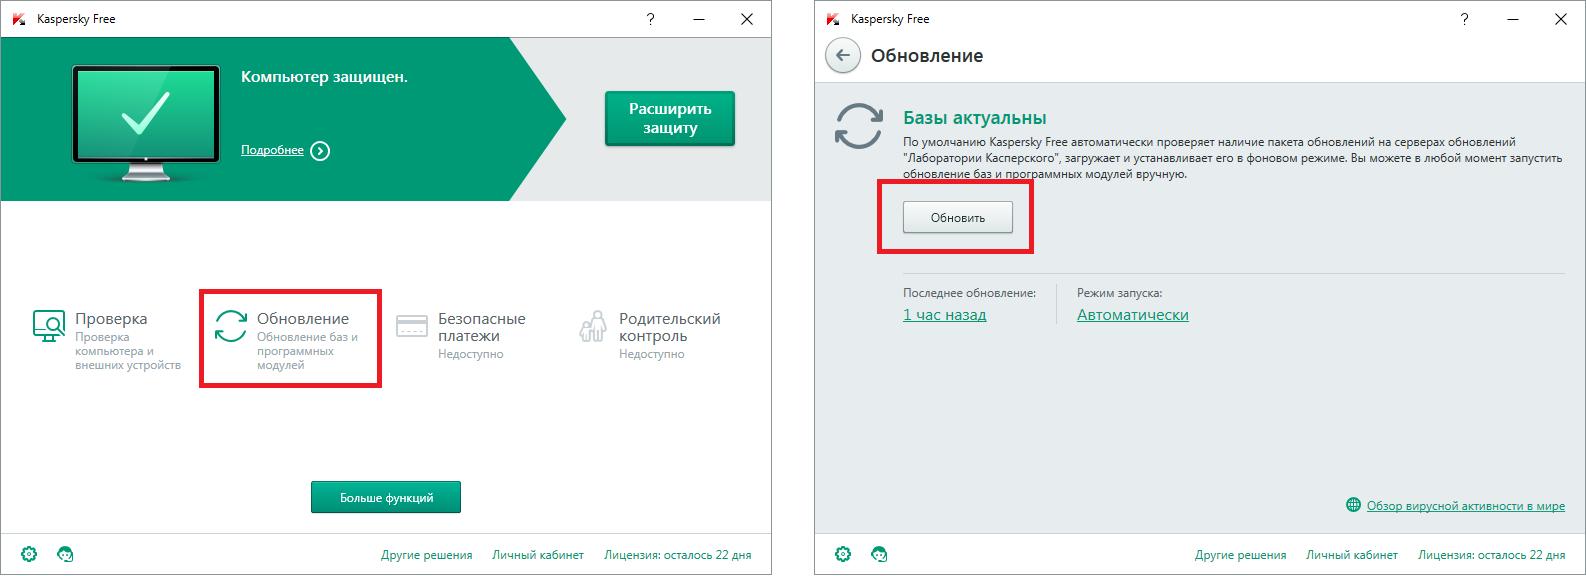 Рис. 7. Запуск обновления антивирусных баз в в Kaspersky Free